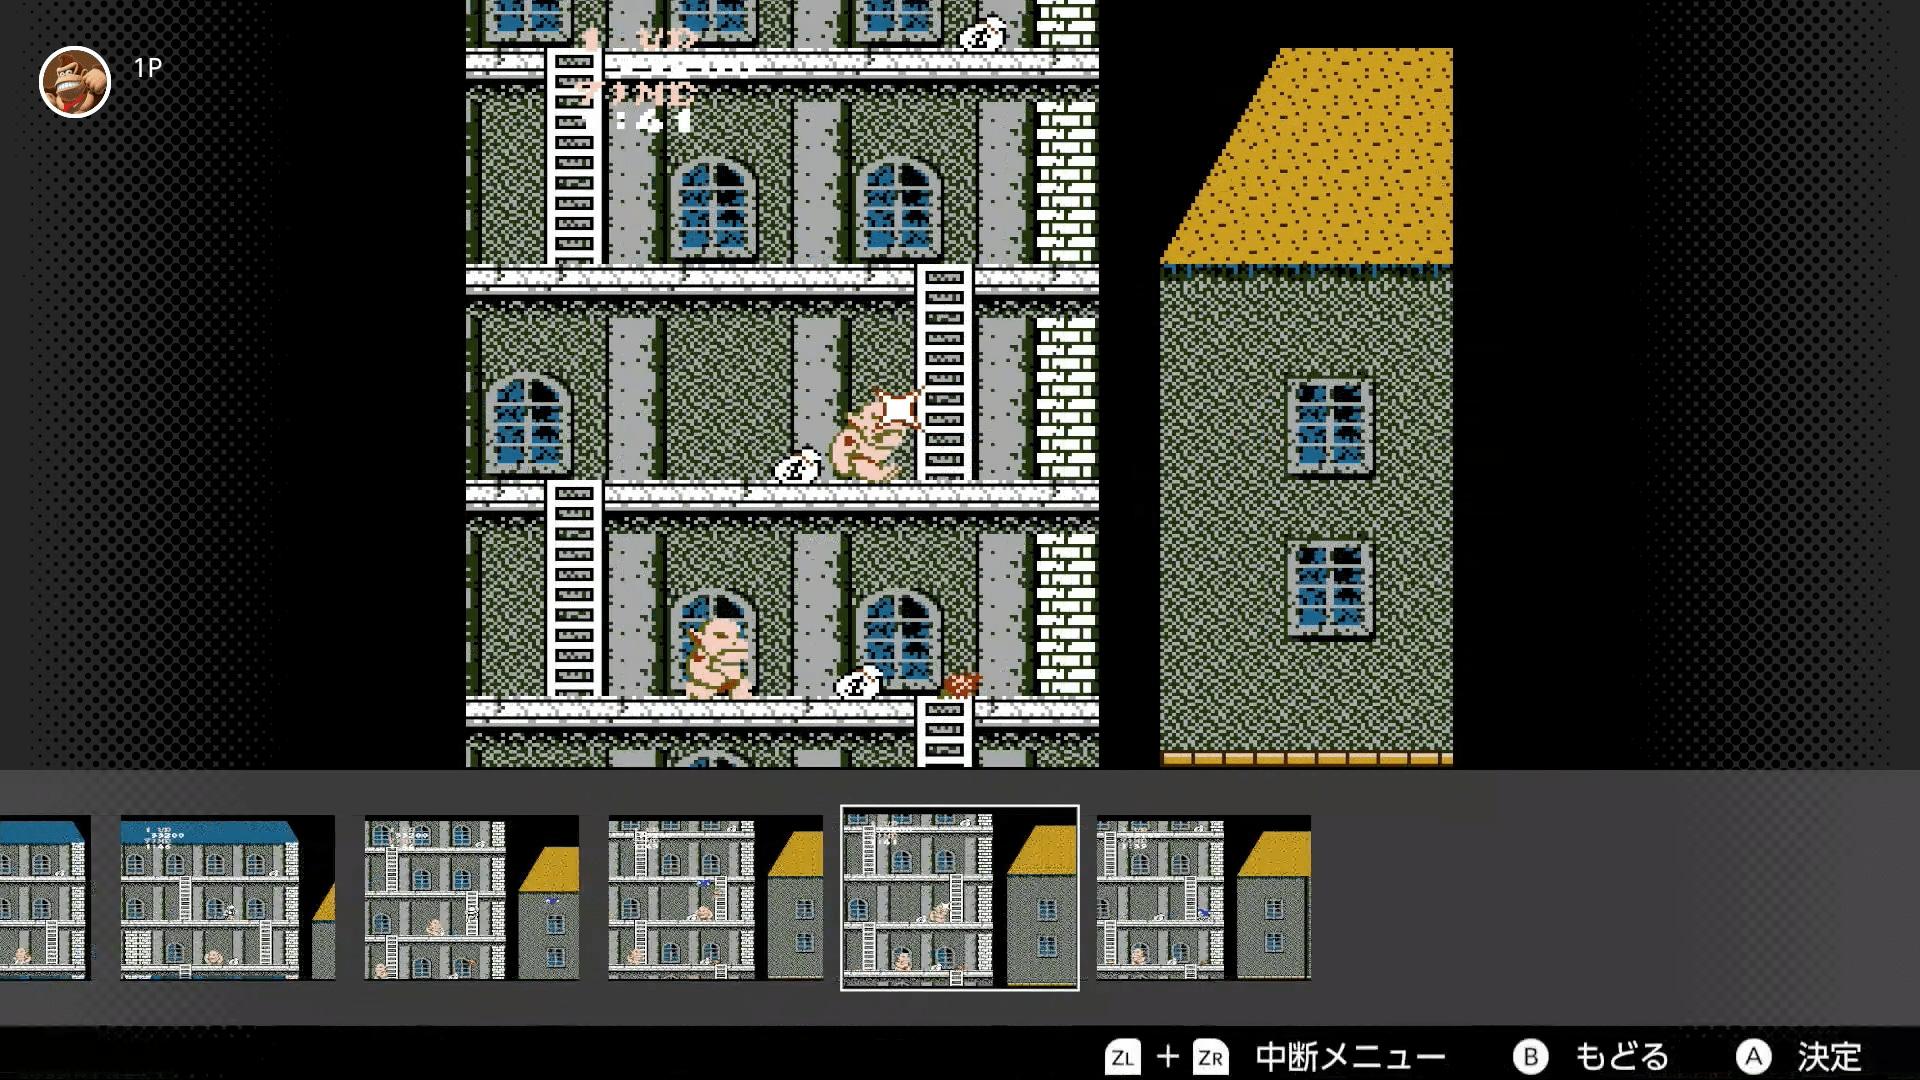 ファミコン版『魔界村』って本当に難しい?「ファミコンを知らぬ世代」がカプコンによる伝説の激ムズゲームに挑戦の画像009